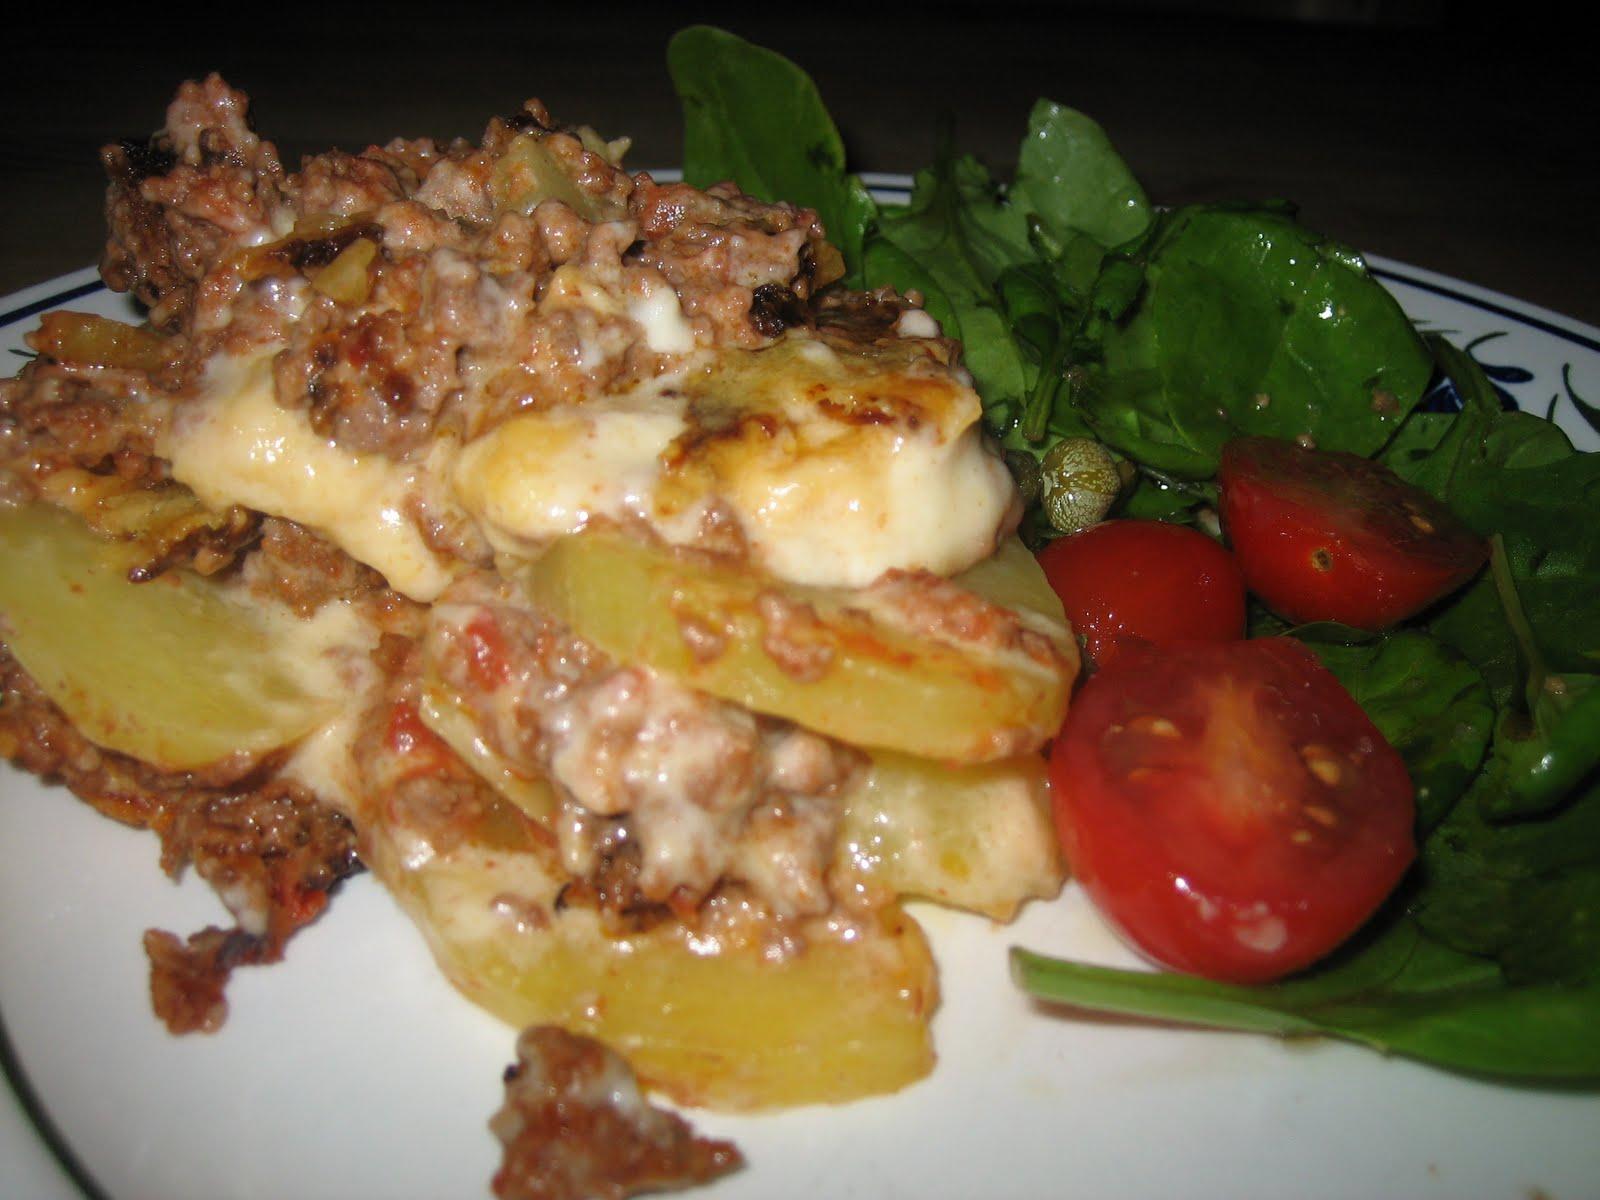 köttfärsgratäng med potatis och bacon